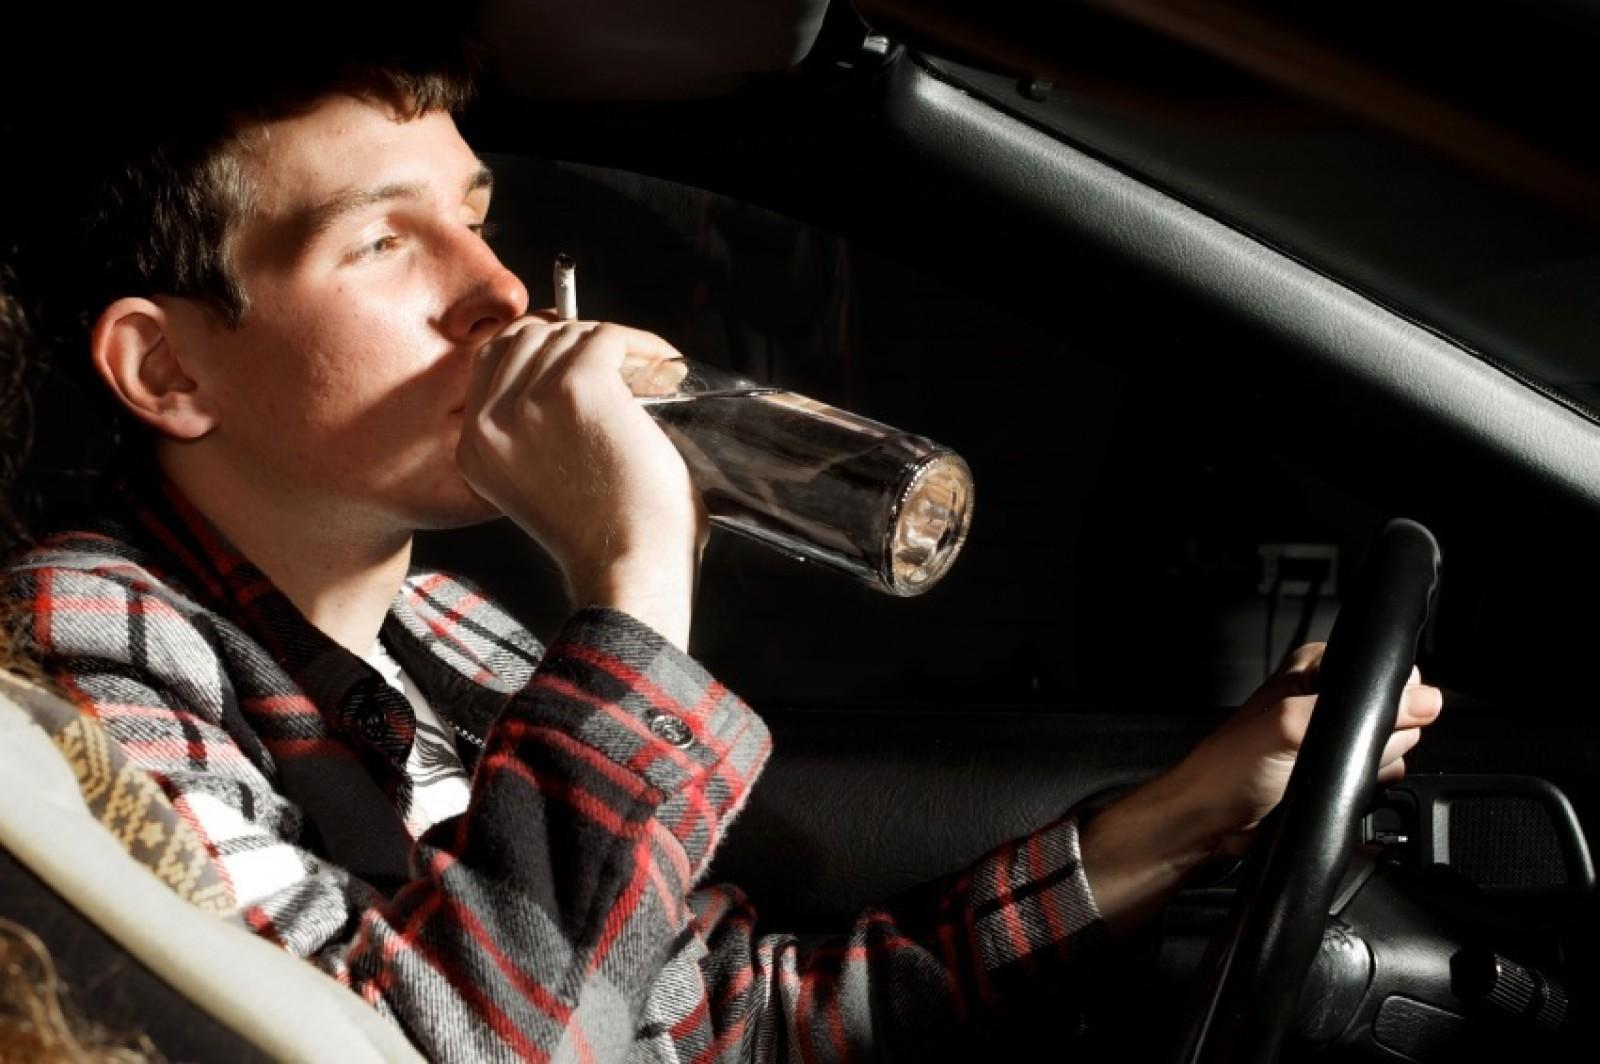 Moldova: Pedepse aspre pentru şoferii care urcă băuţi la volan. De la noi concentraţii minime de alcool până la anularea permisului